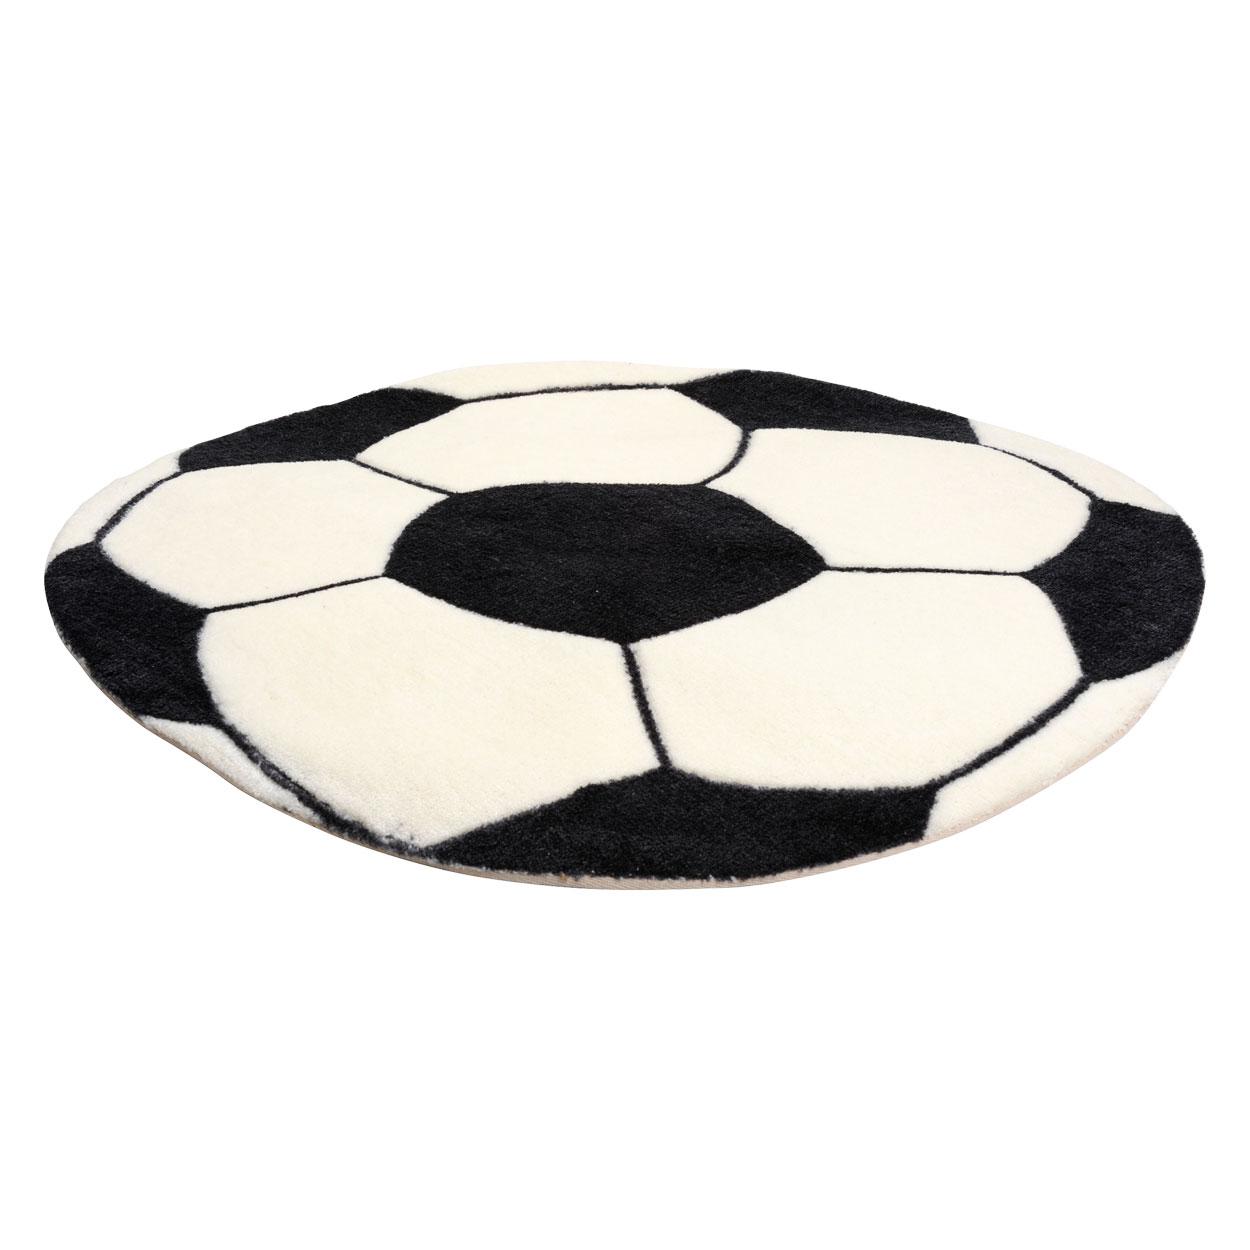 Top Voetbalkleed online kopen   Lobbes.nl #XC75